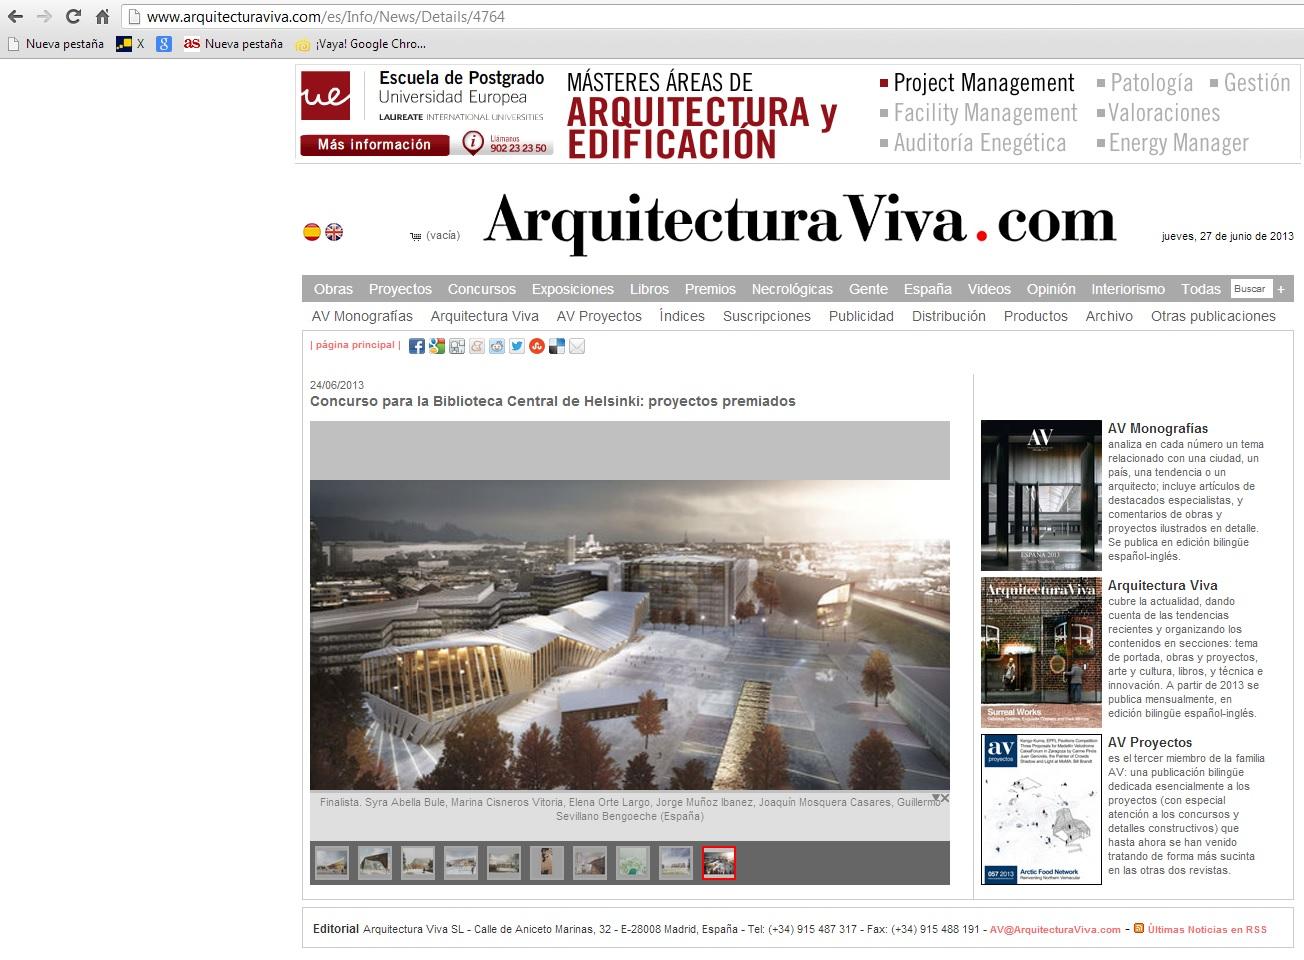 Arquitectura viva suma arquitectura for Av arquitectura viva